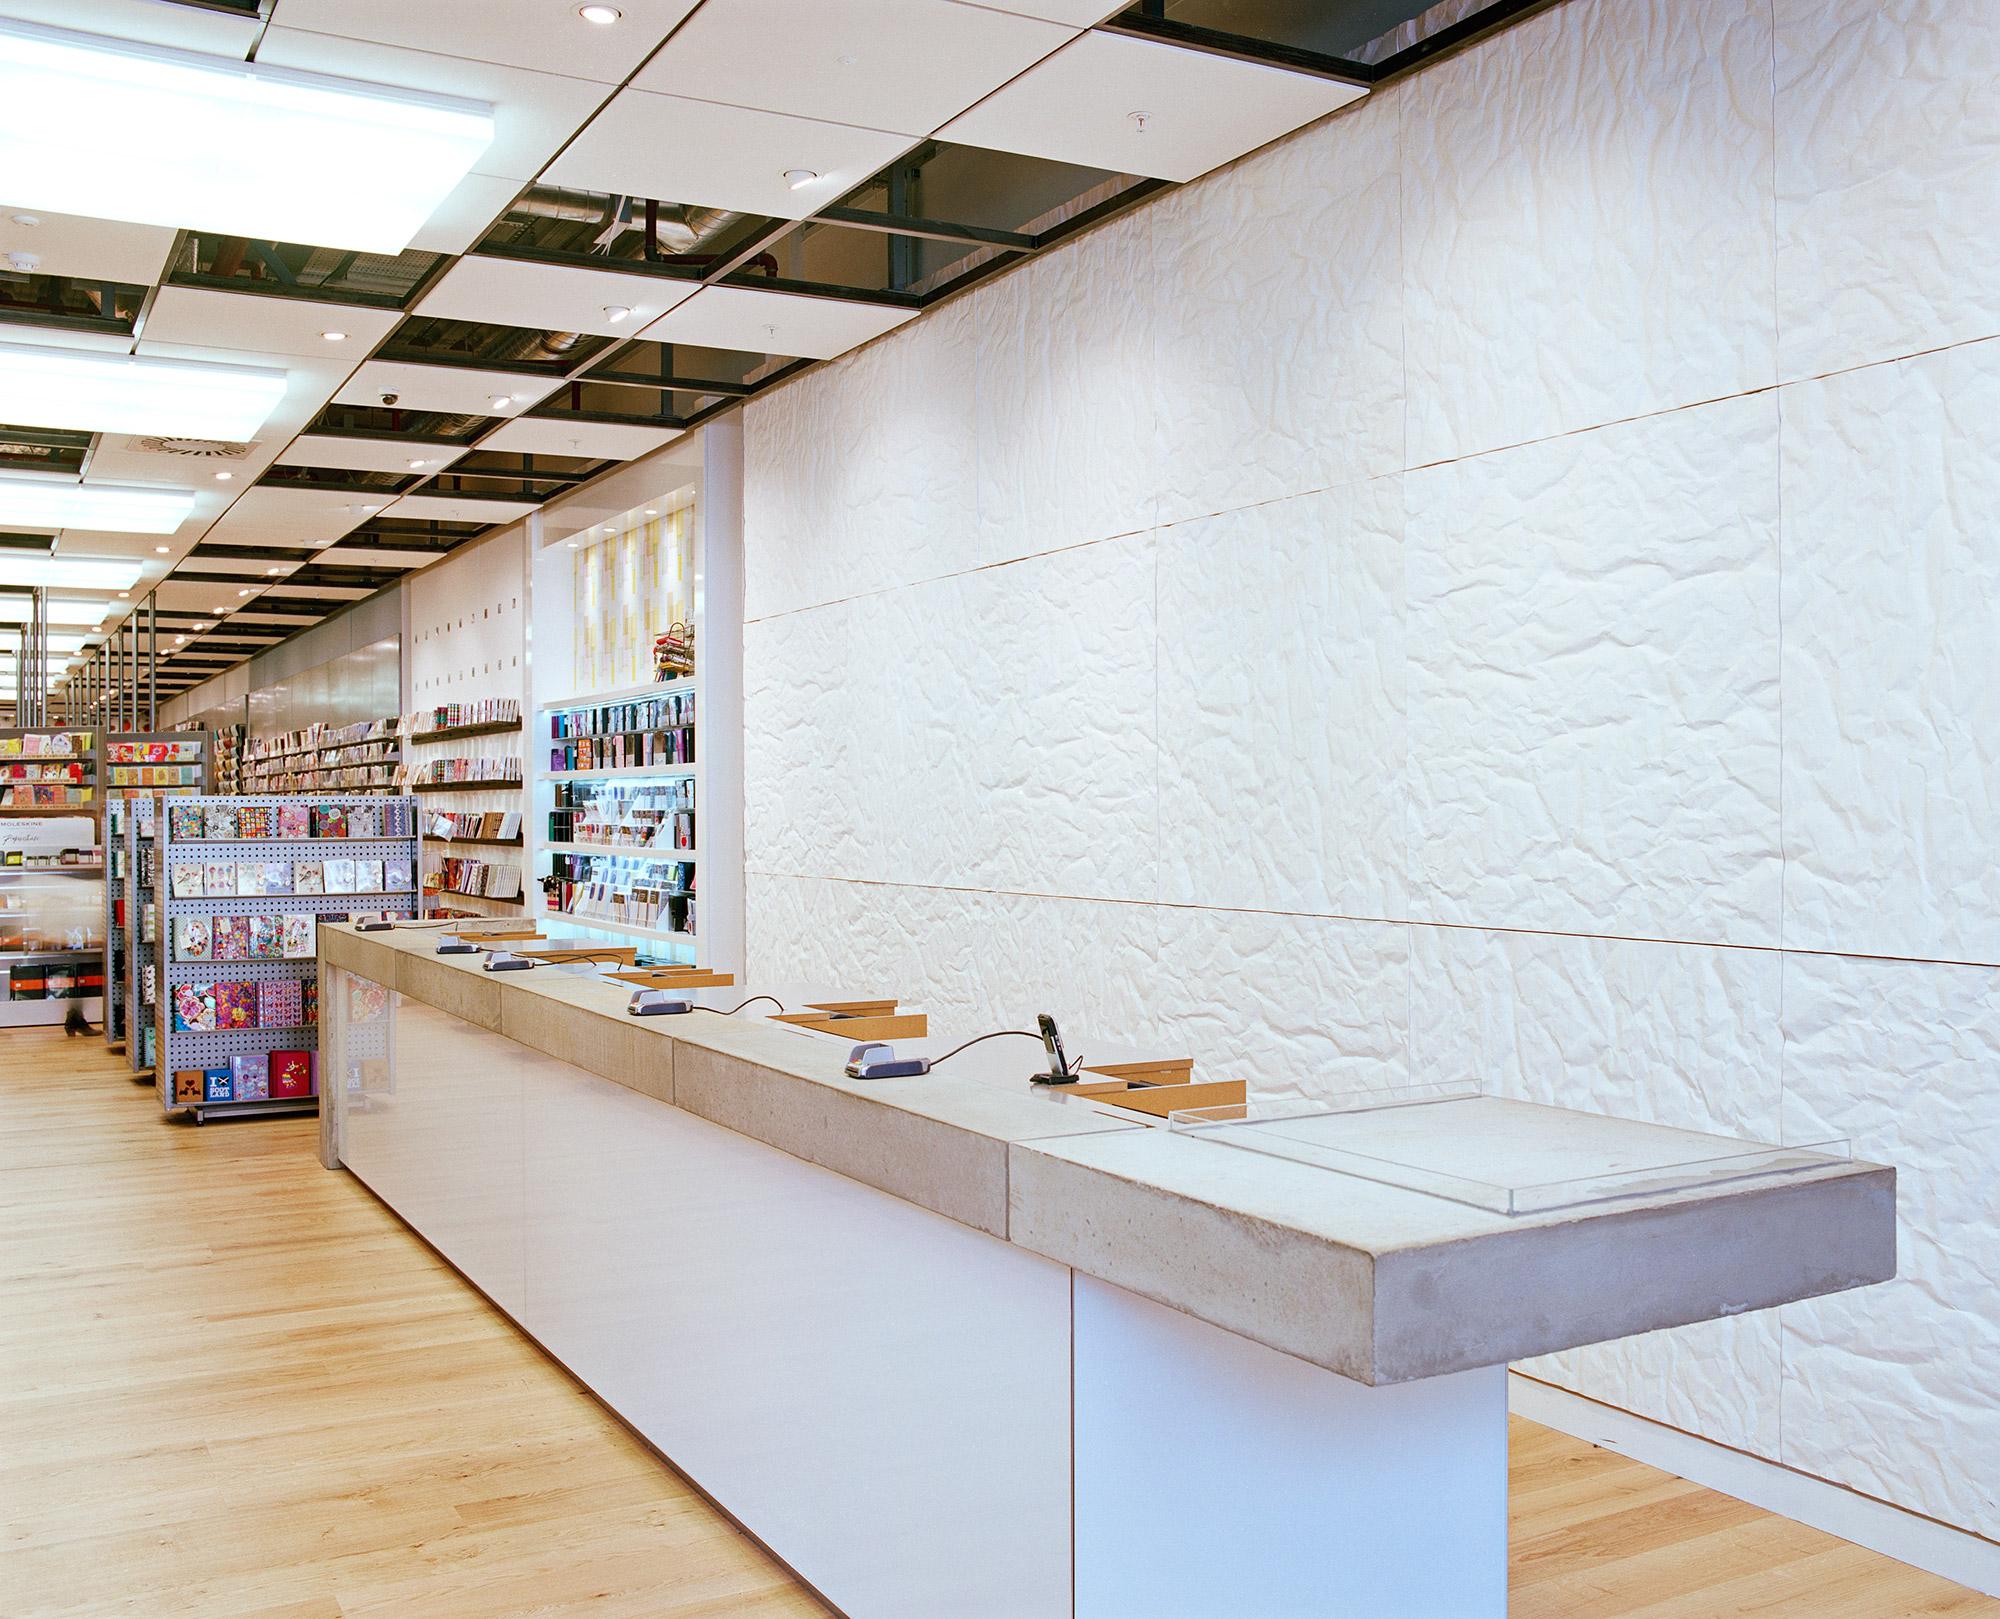 Paperchase Glasgow, large concrete cash desk